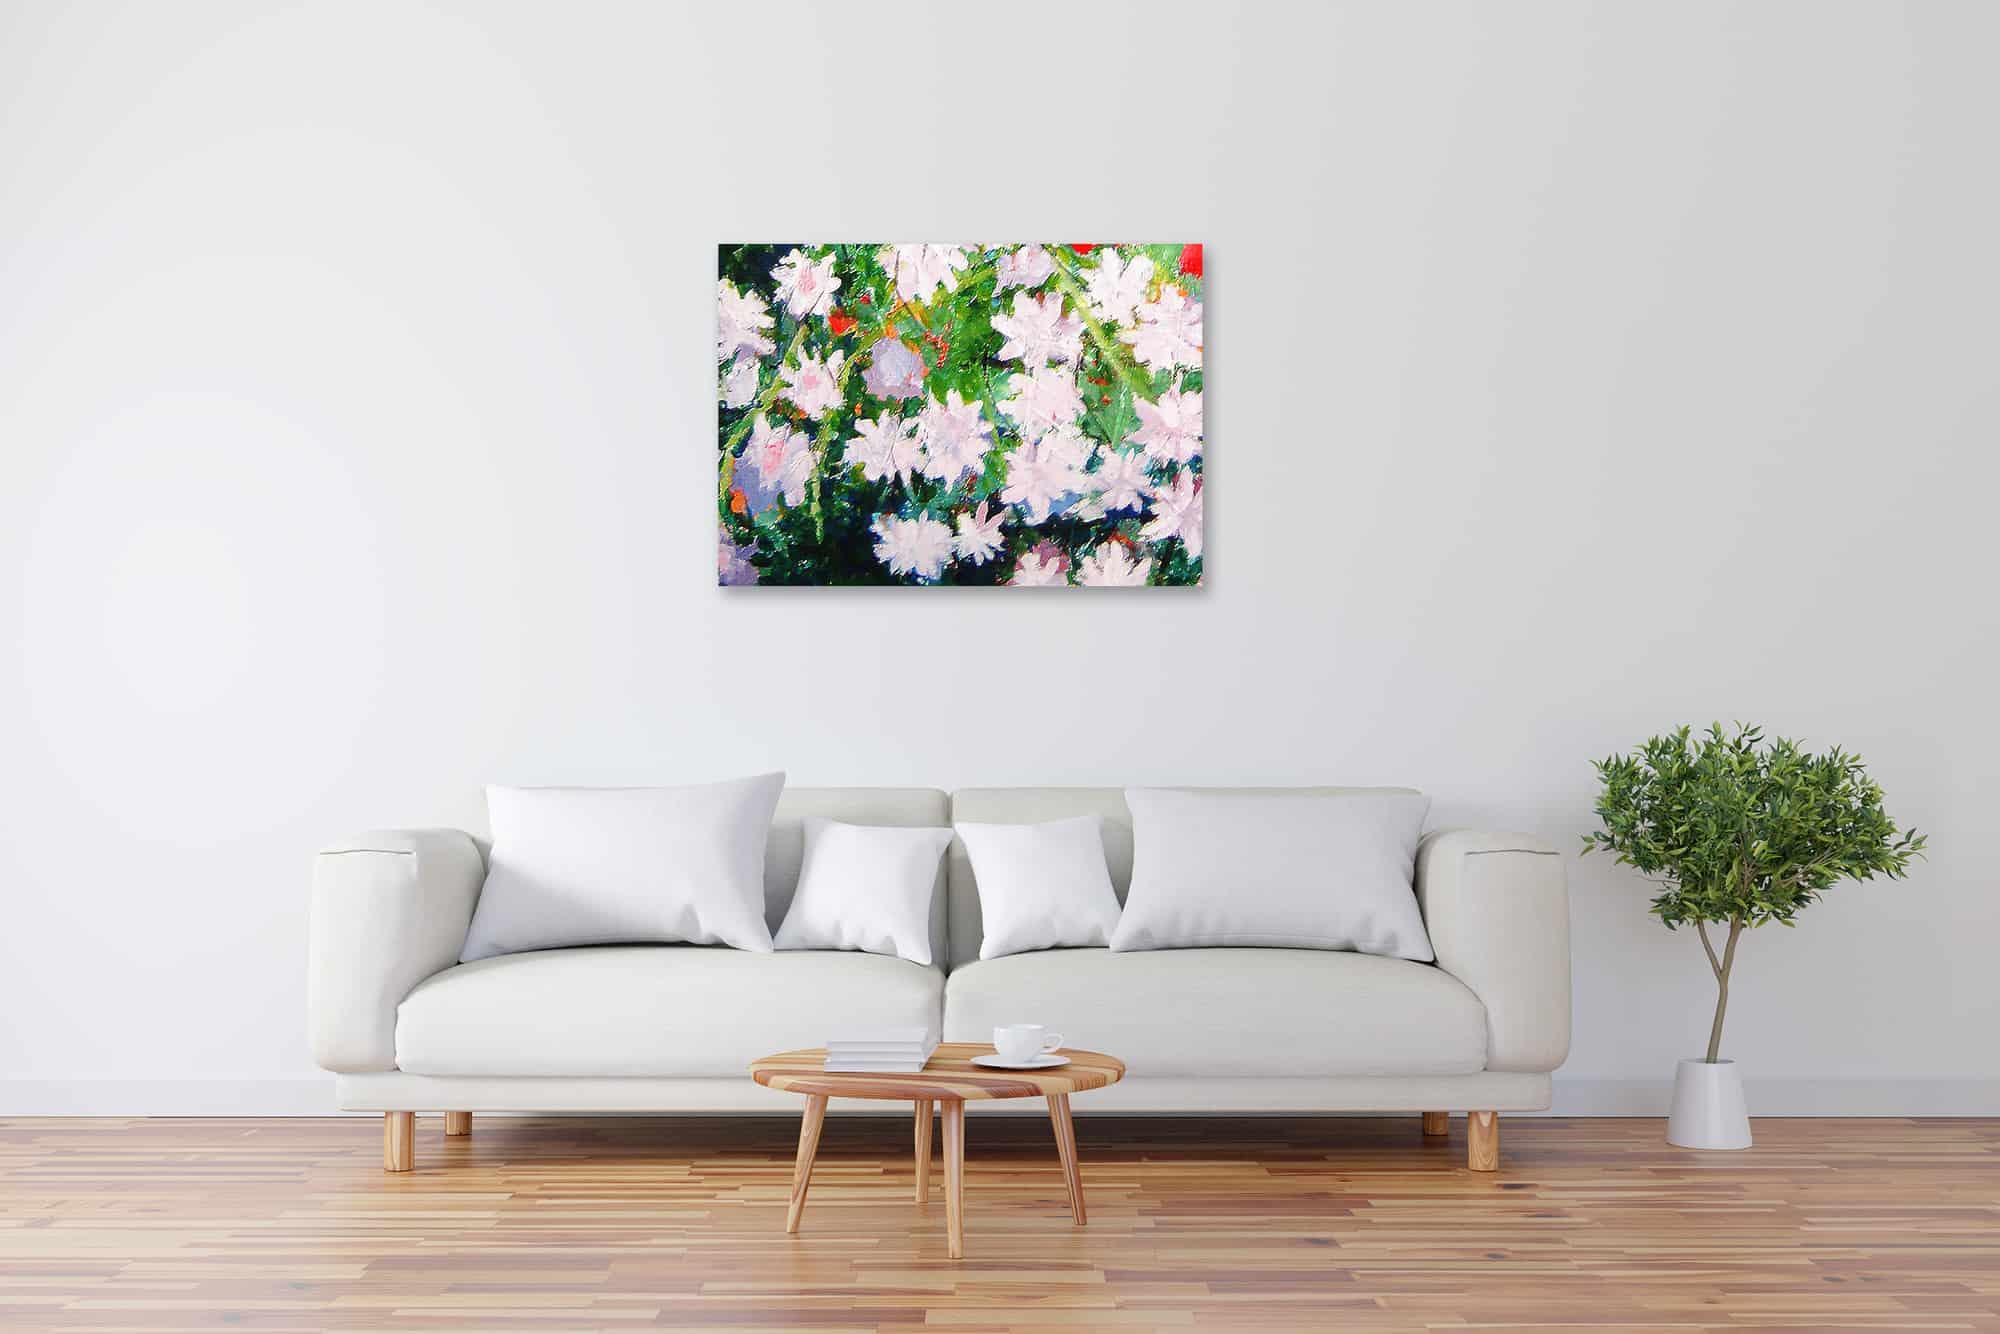 Acryl Gemälde abstrakte Blumen bild kaufen